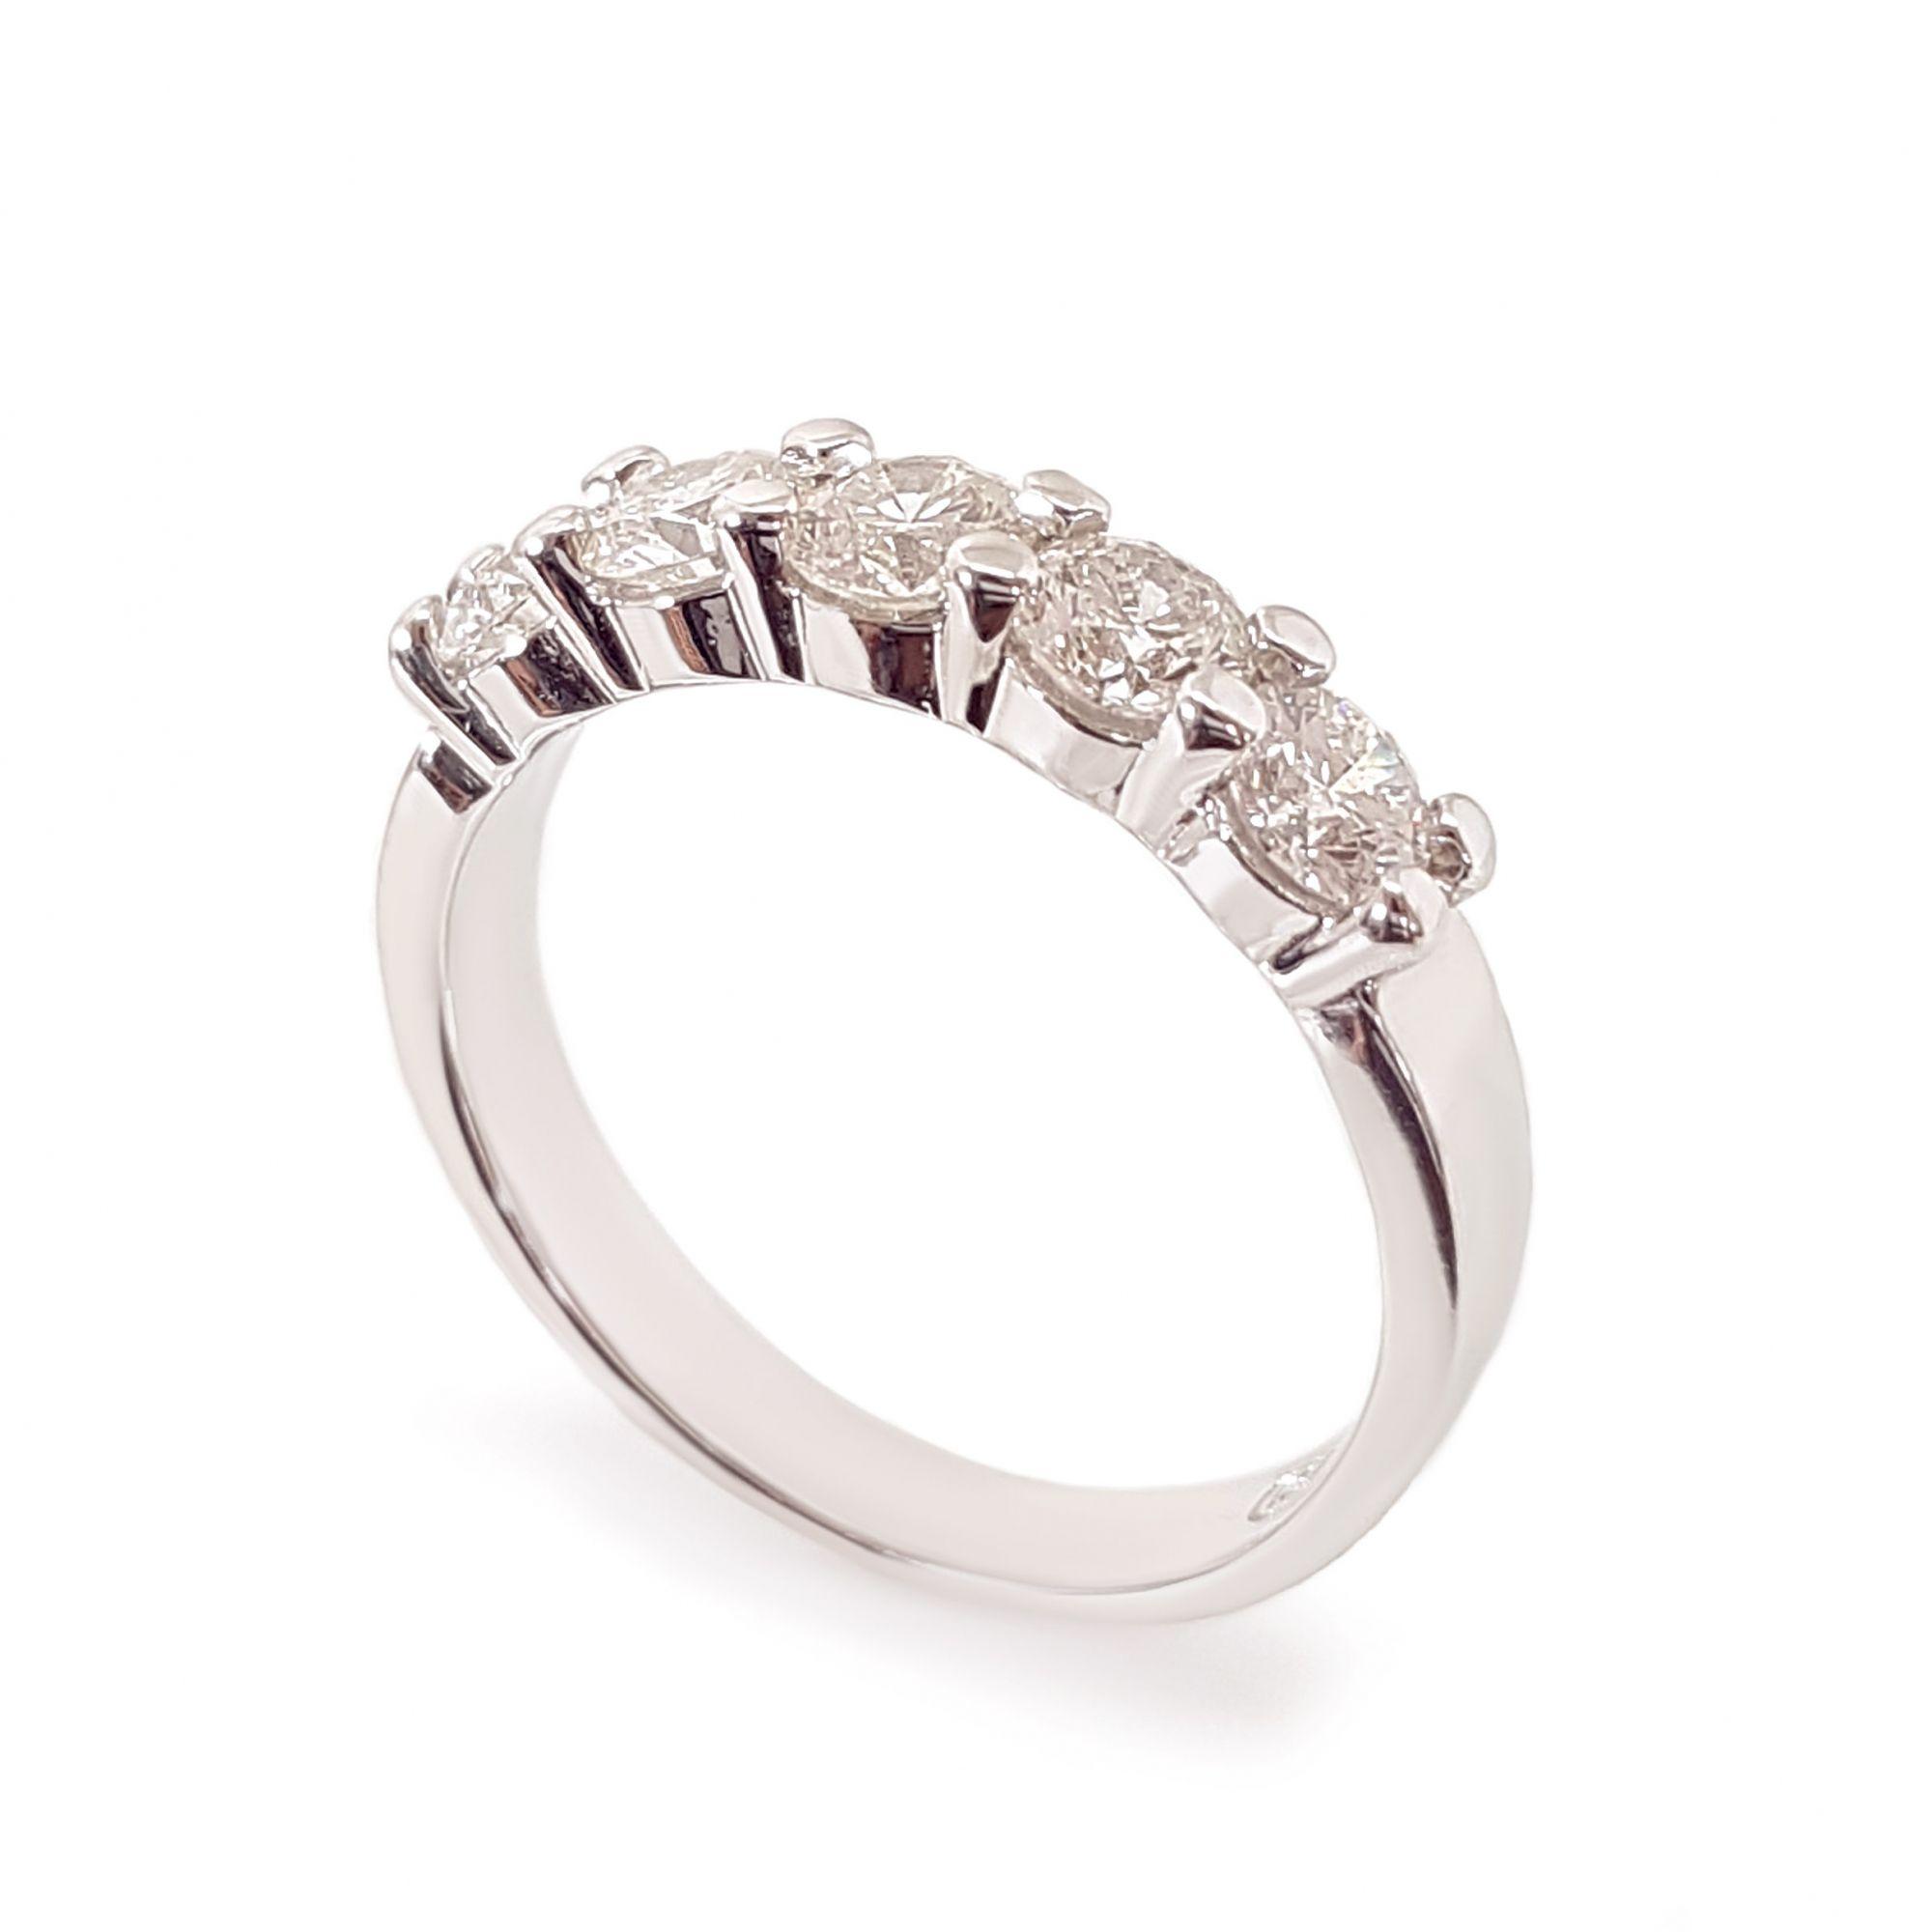 Anel Meia Aliança Ouro 18k com 1,25ct em Diamantes  - YVES